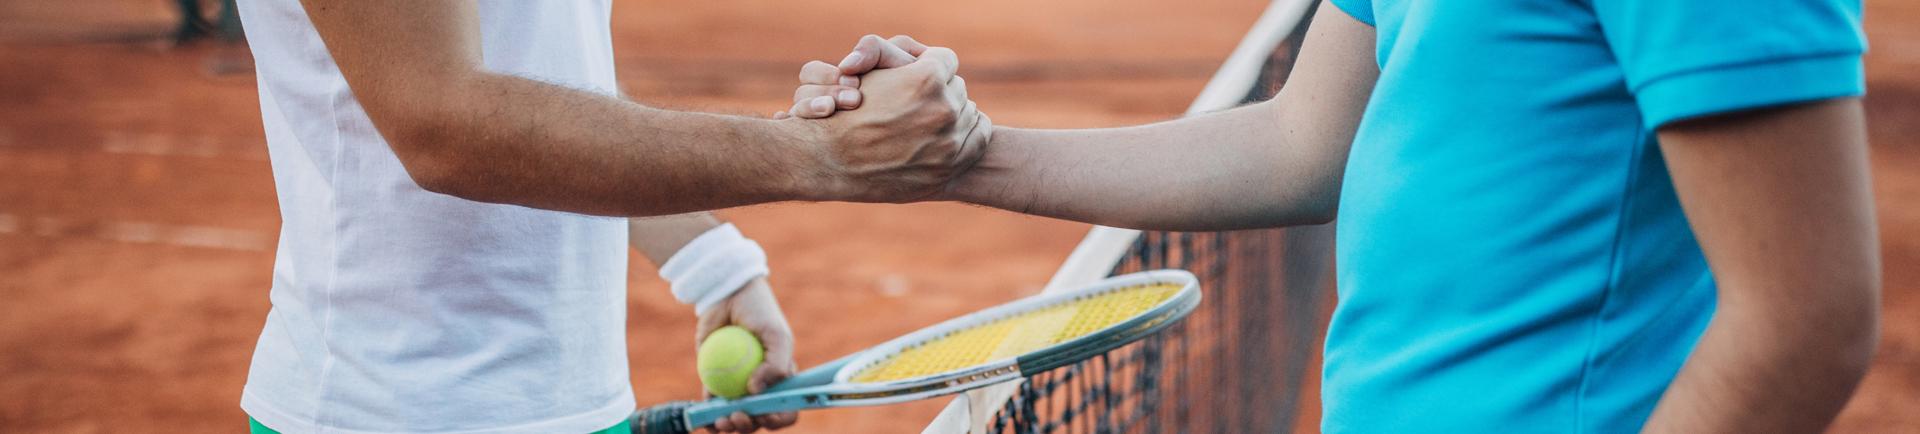 Aperto de mão entre dois jogadores de ténis